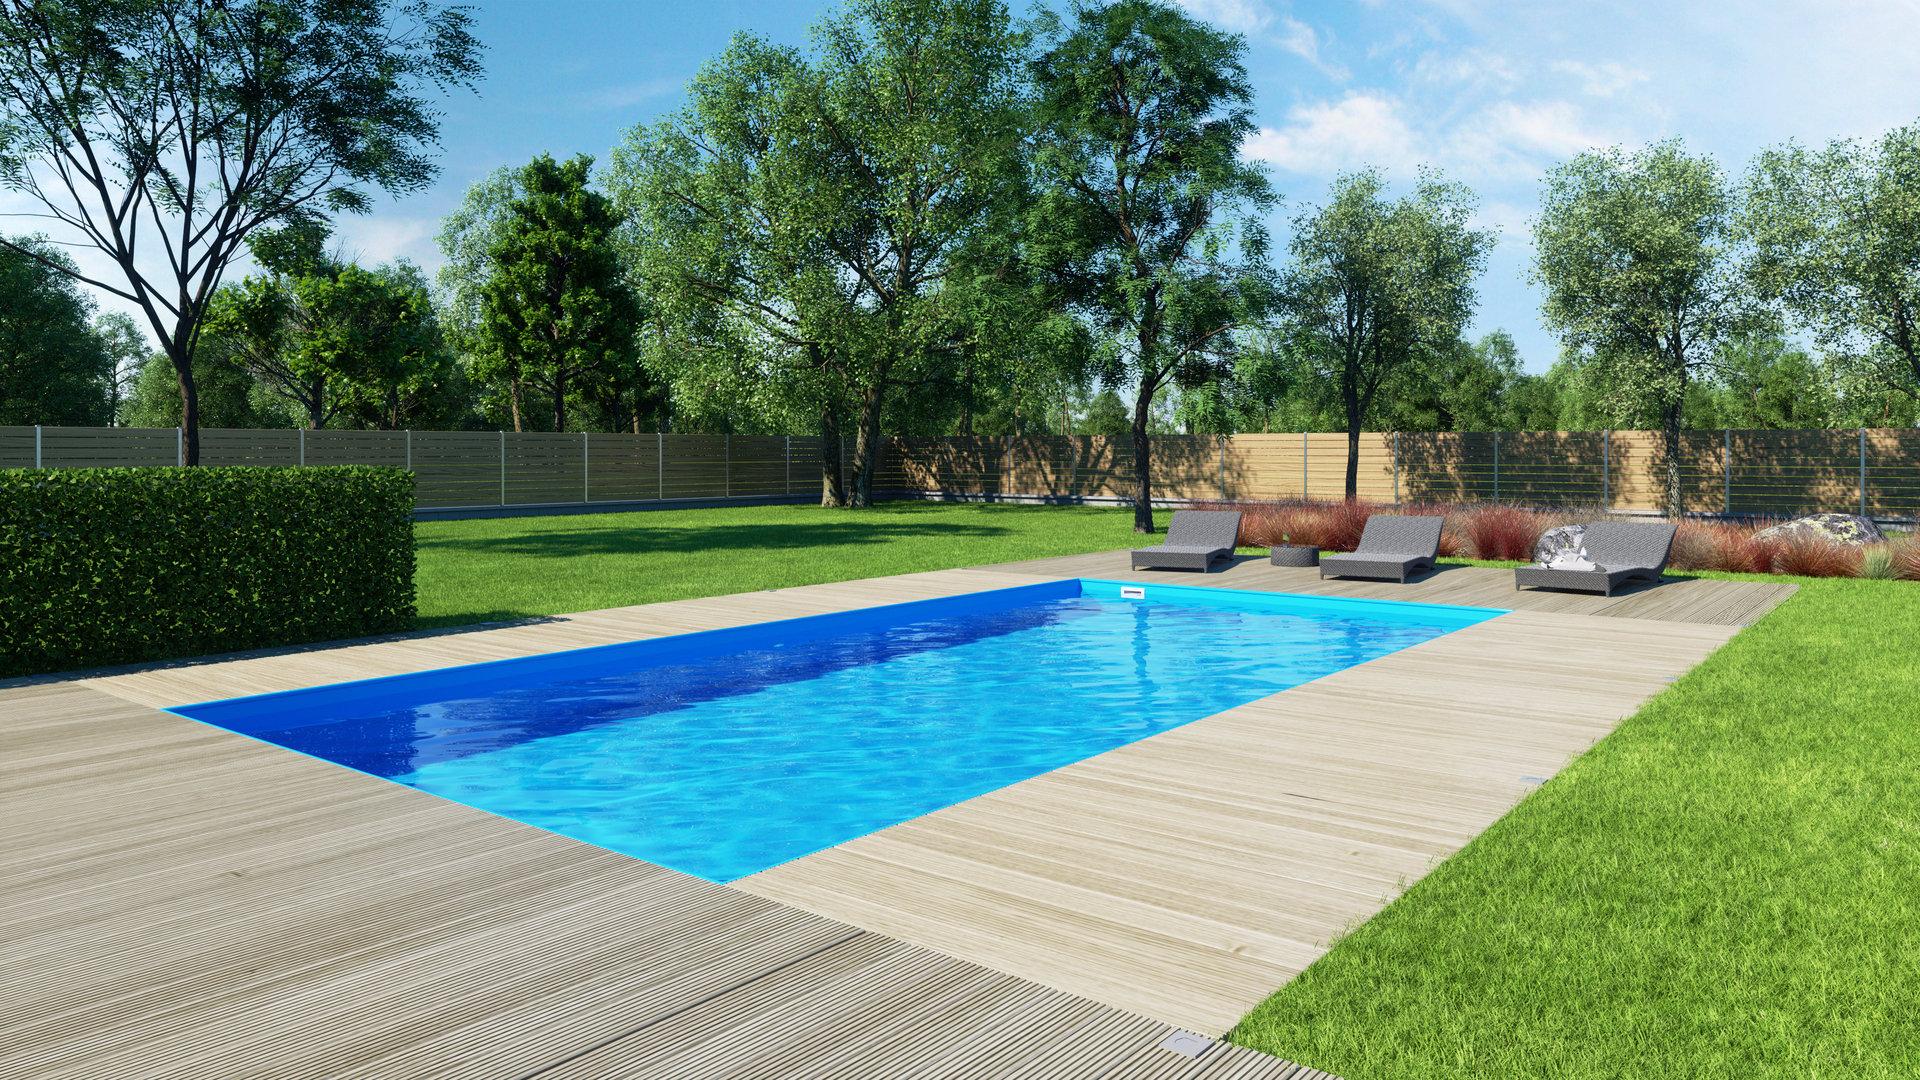 Albistone schwimmbecken skimmer g2 qbig 3x6x1 50 m aruspool for Pool komplettangebot